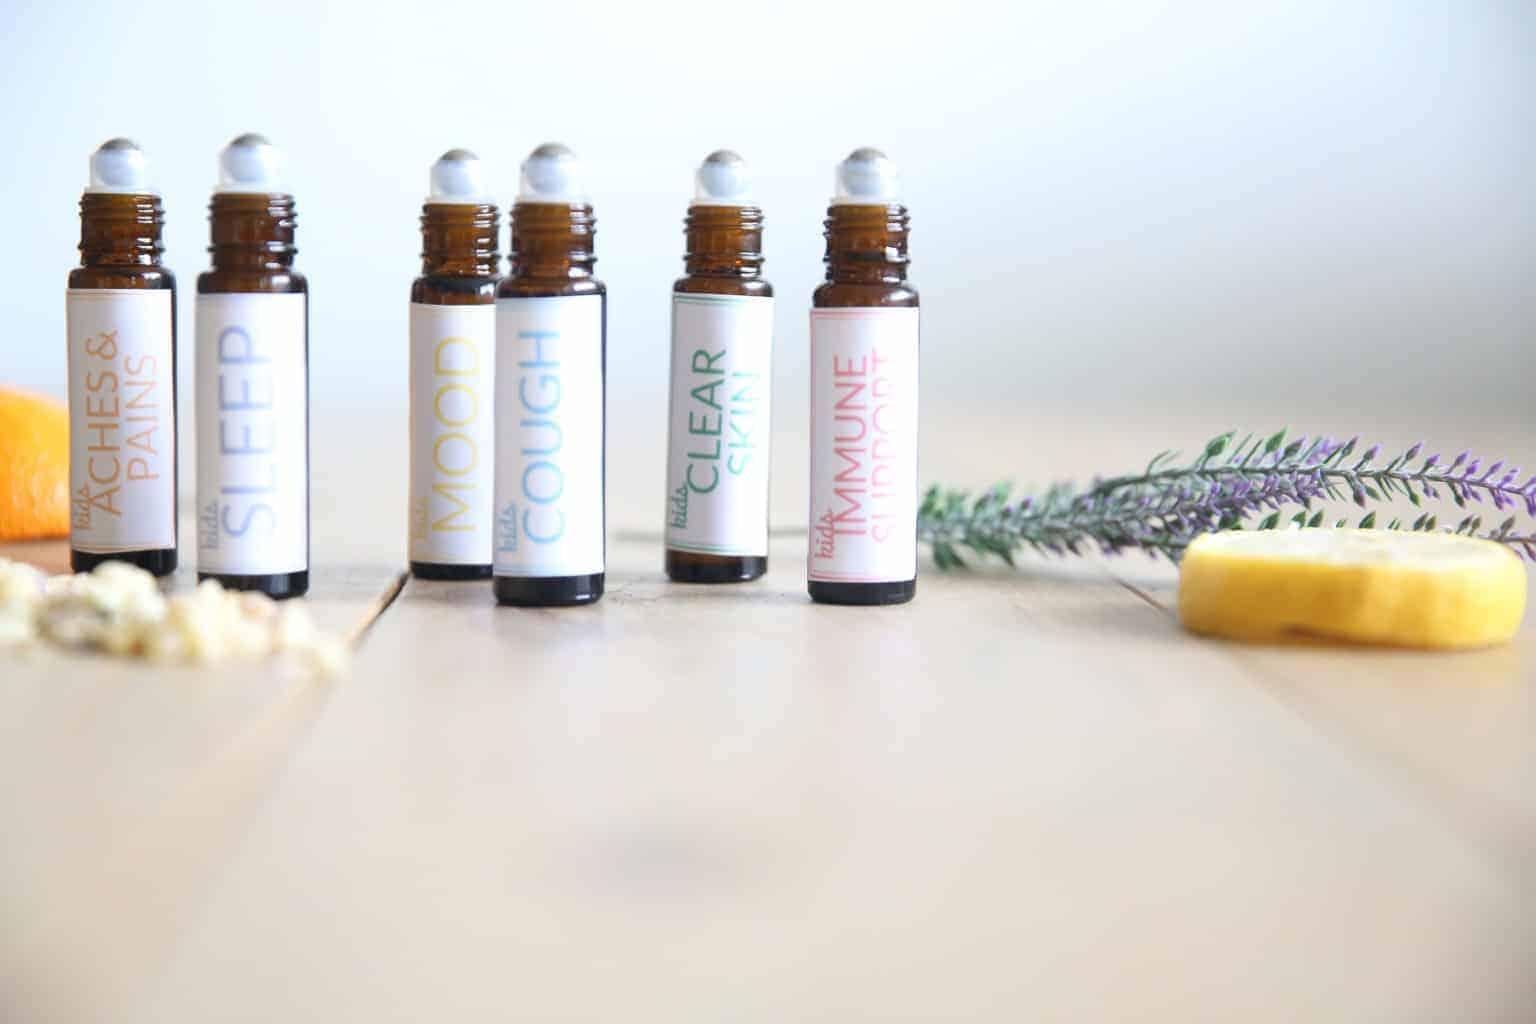 top 6 roller bottles for kids essential oils for kids roller bottle recipes how to use essential oils diluting essential oils for kids